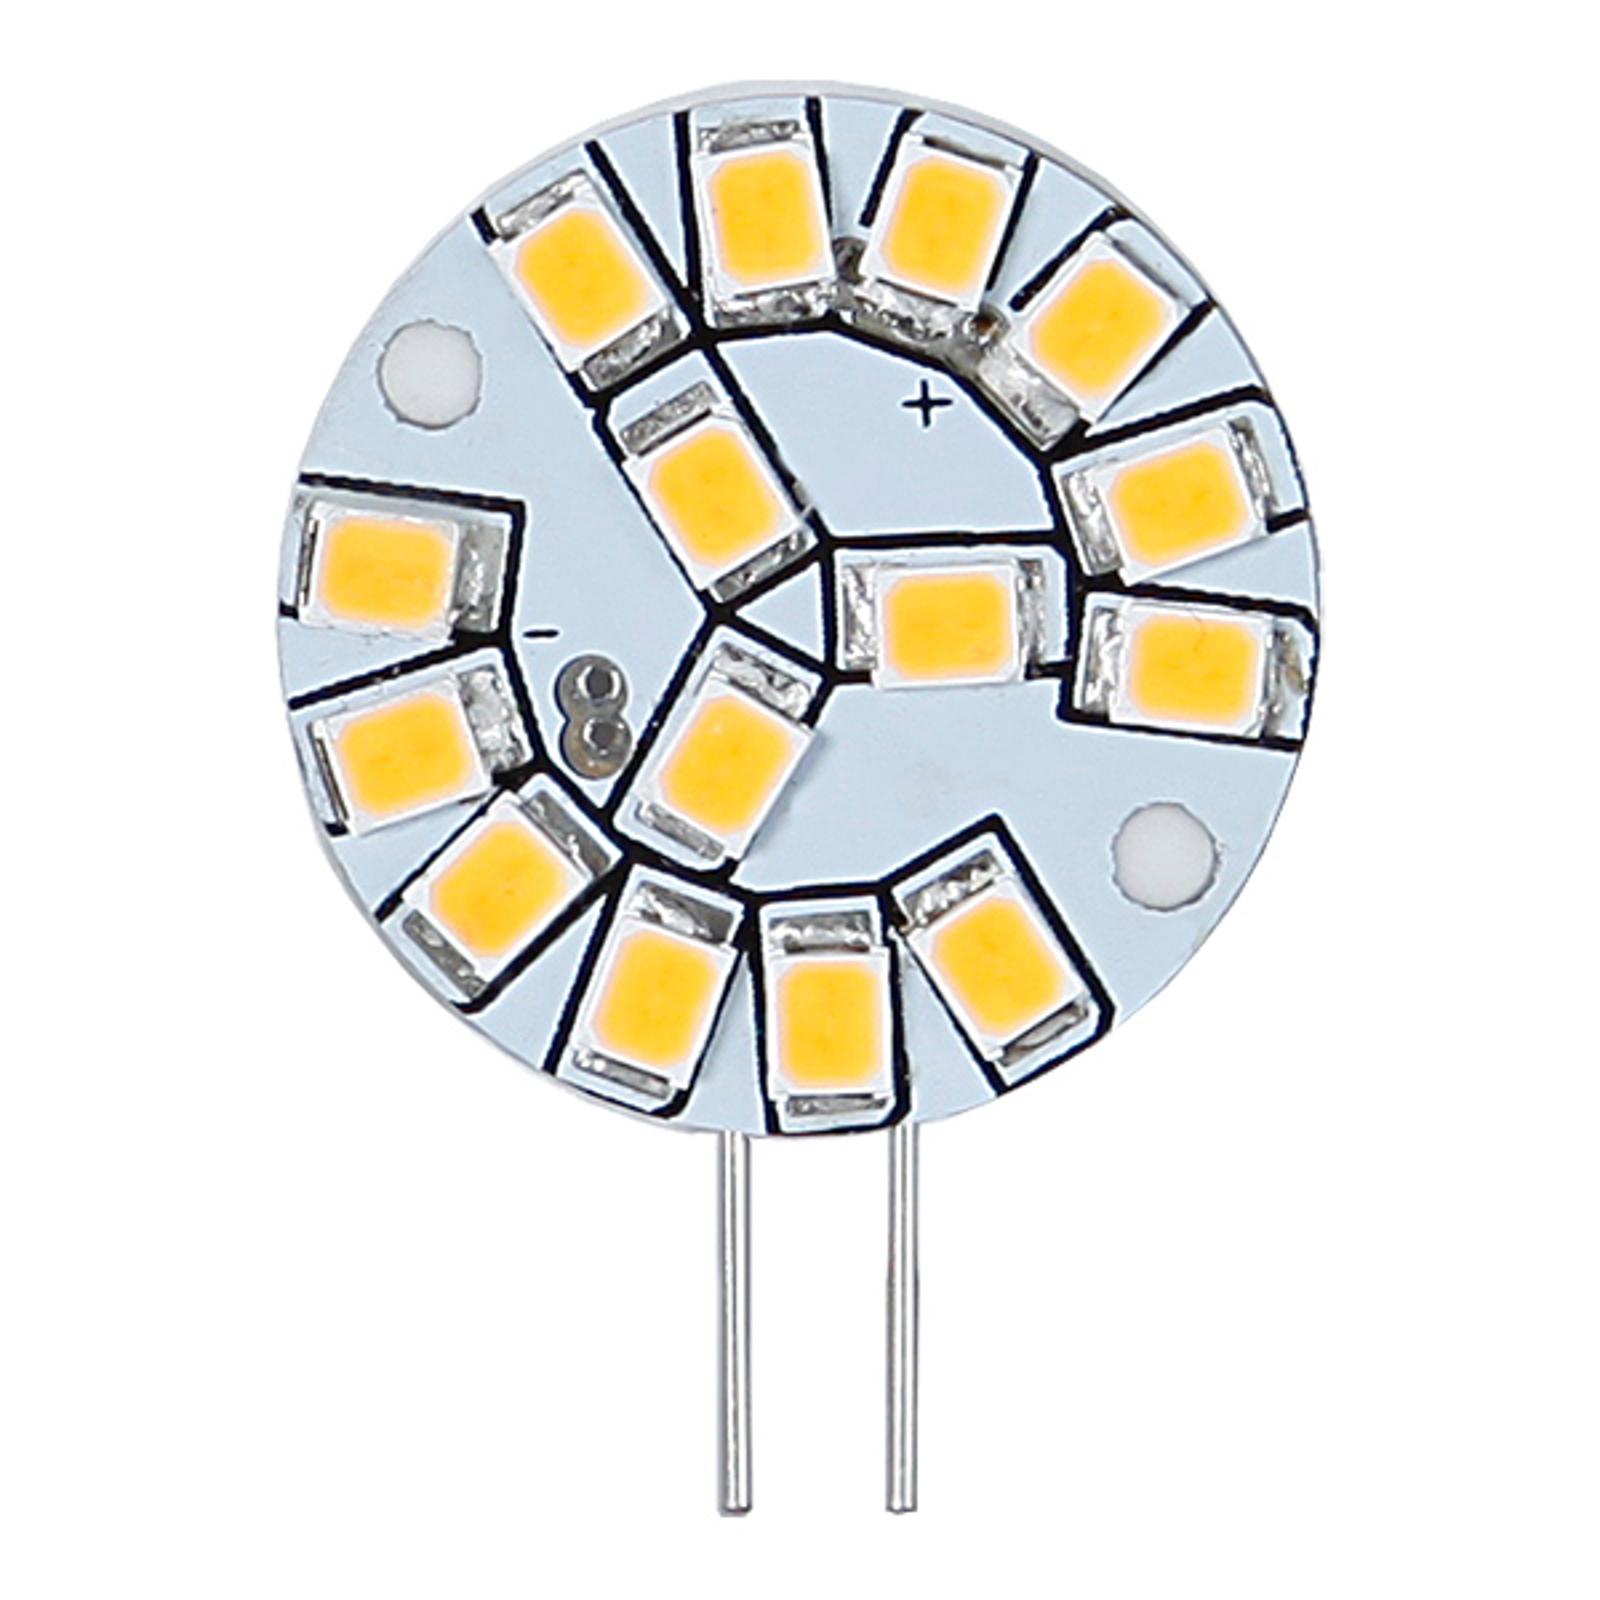 G4 12 V 2 W 827 LED-pin